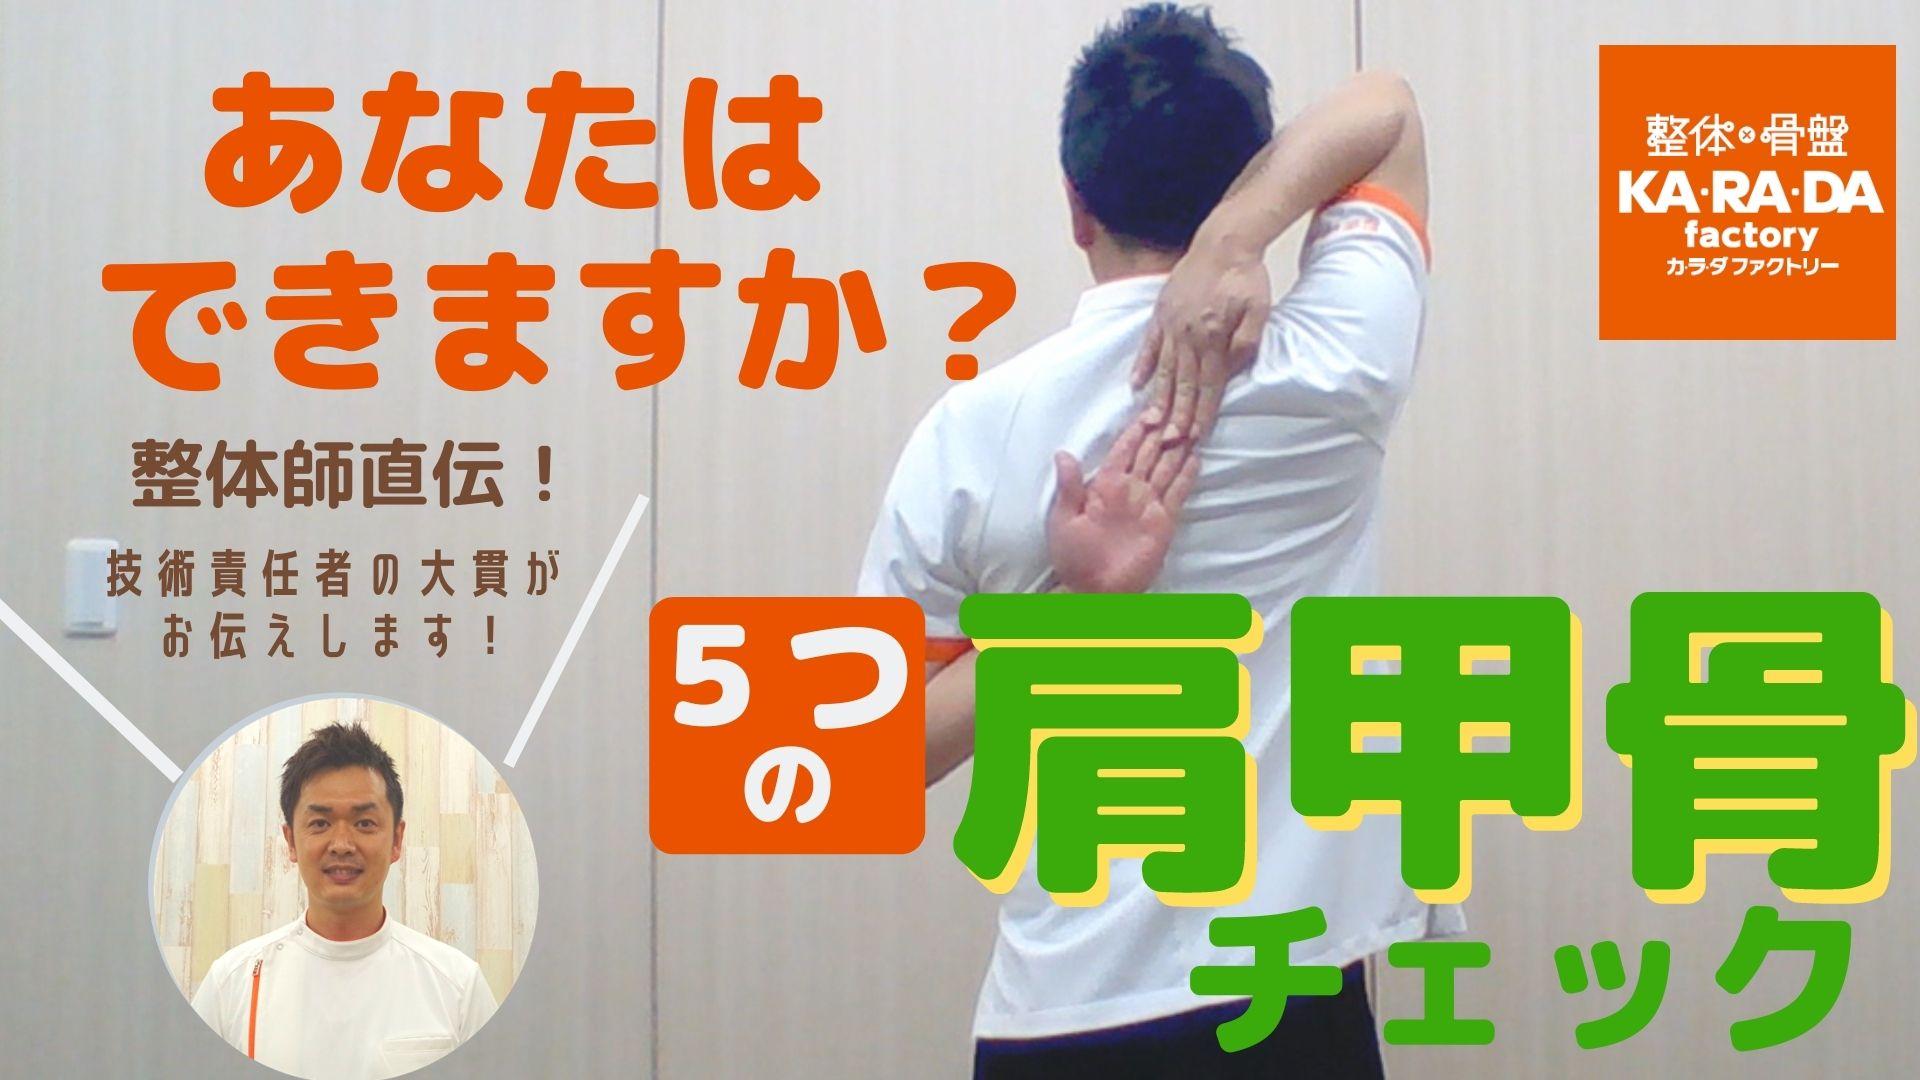 あなたはできますか?【整体師直伝】5つの肩甲骨チェック